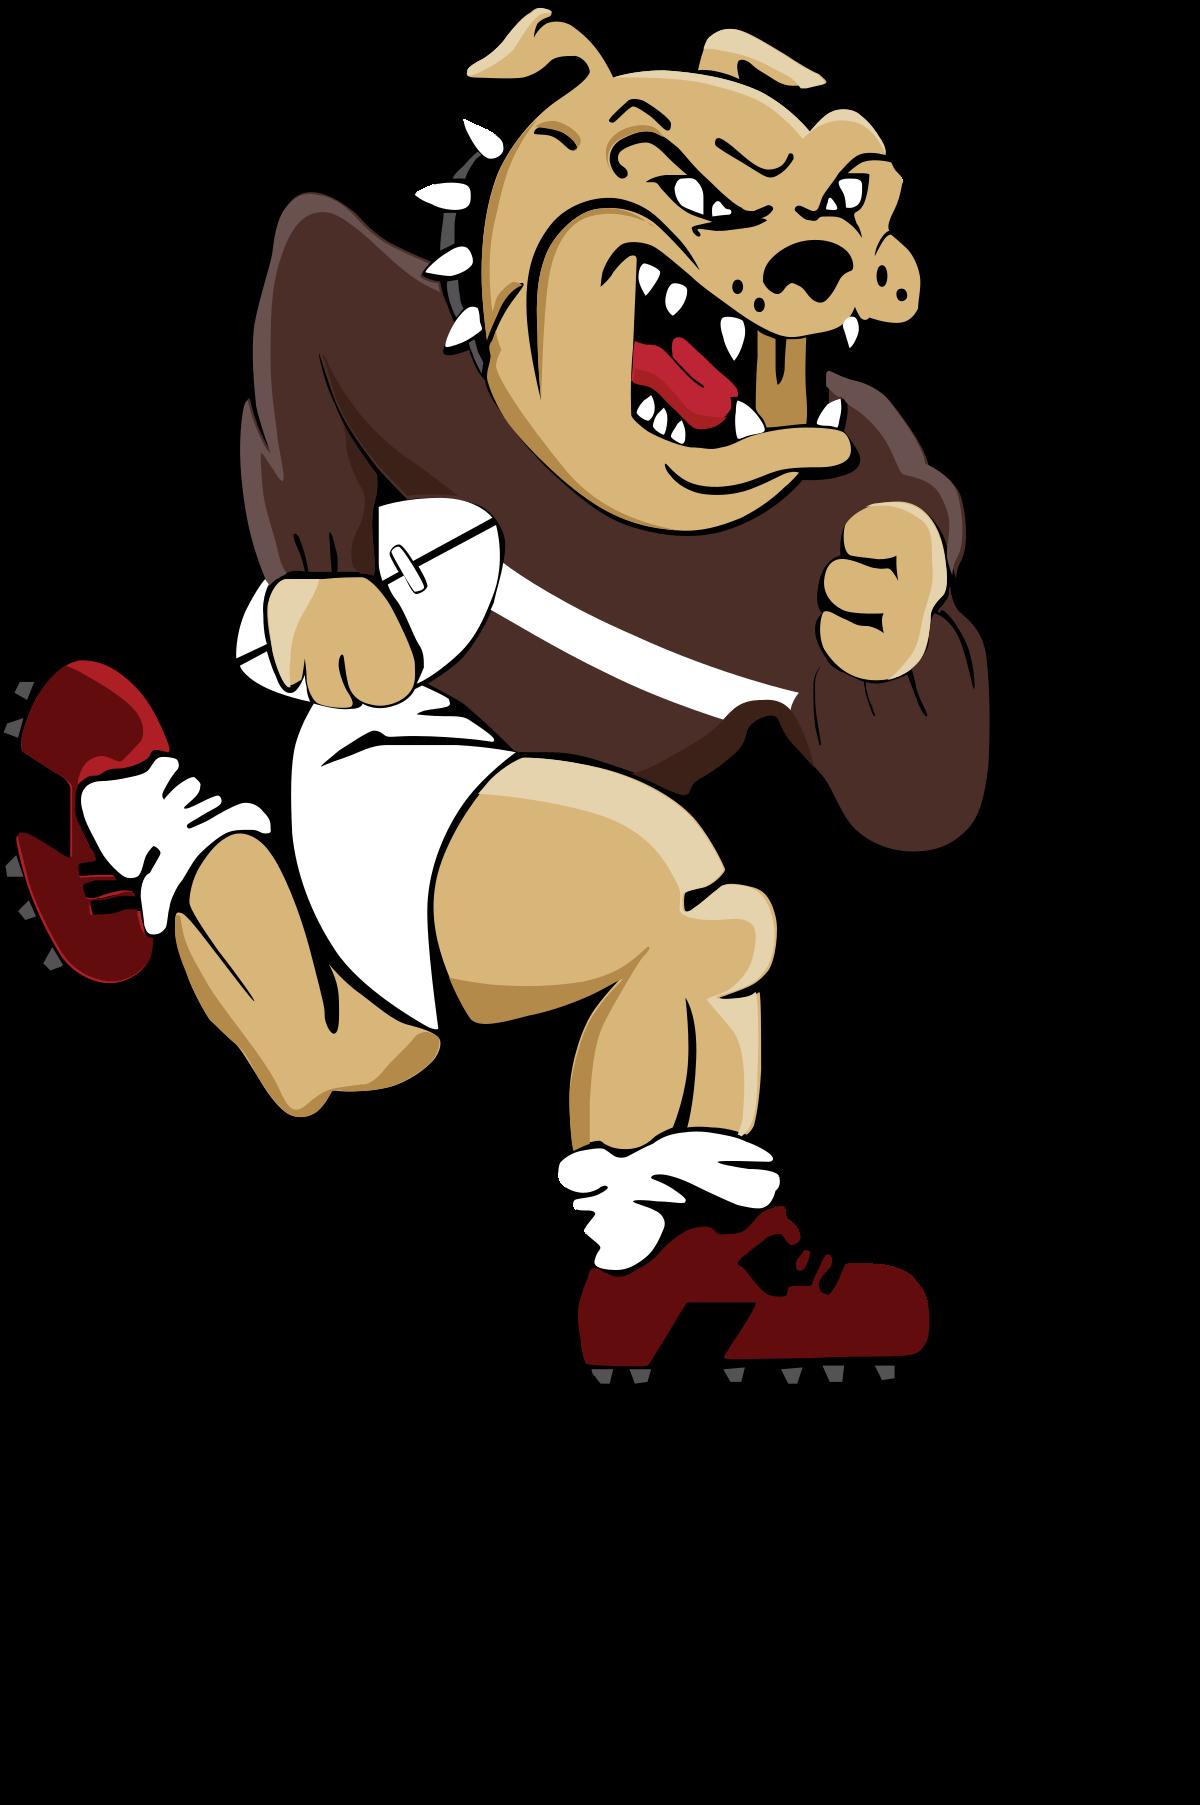 American football border clipart vector stock Border Bulldogs - Wikipedia vector stock